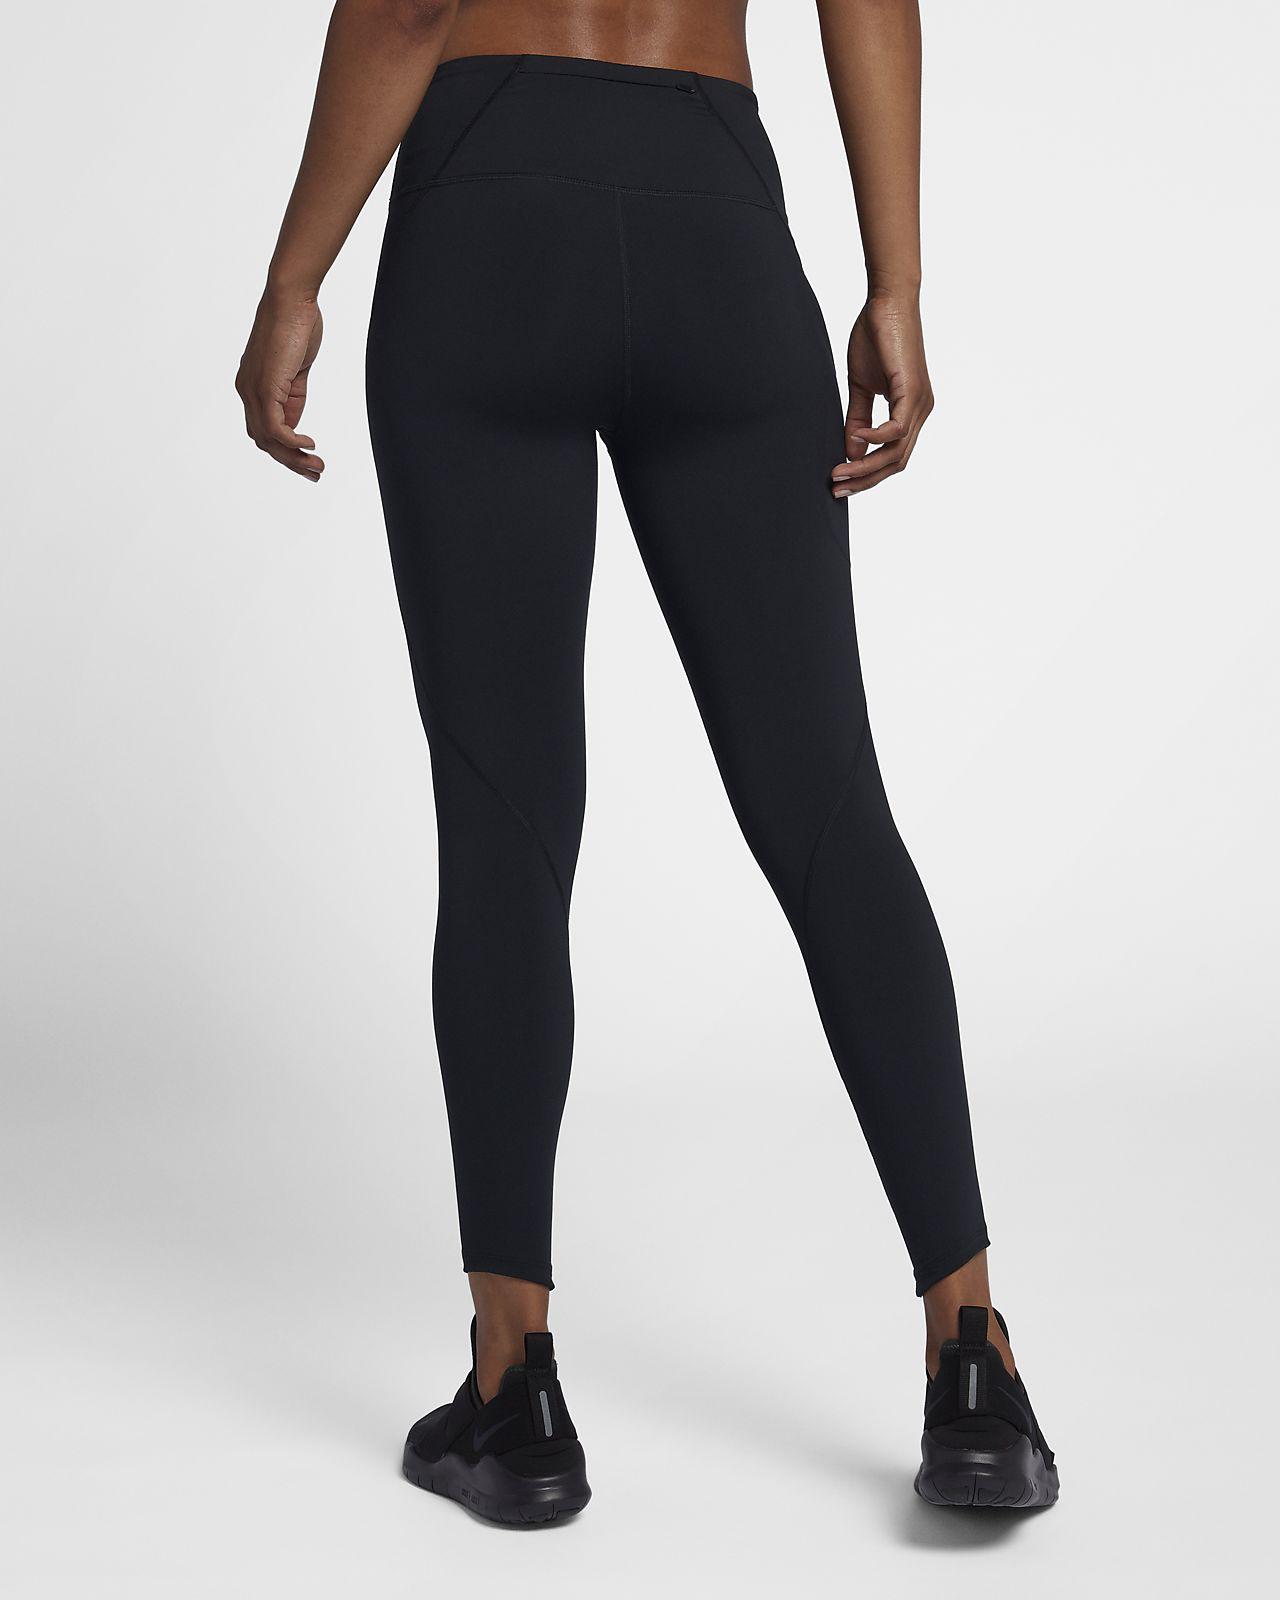 95f20c01ef7 Nike Epic Lux 7/8-hardlooptights met hoge taille voor dames. Nike.com BE